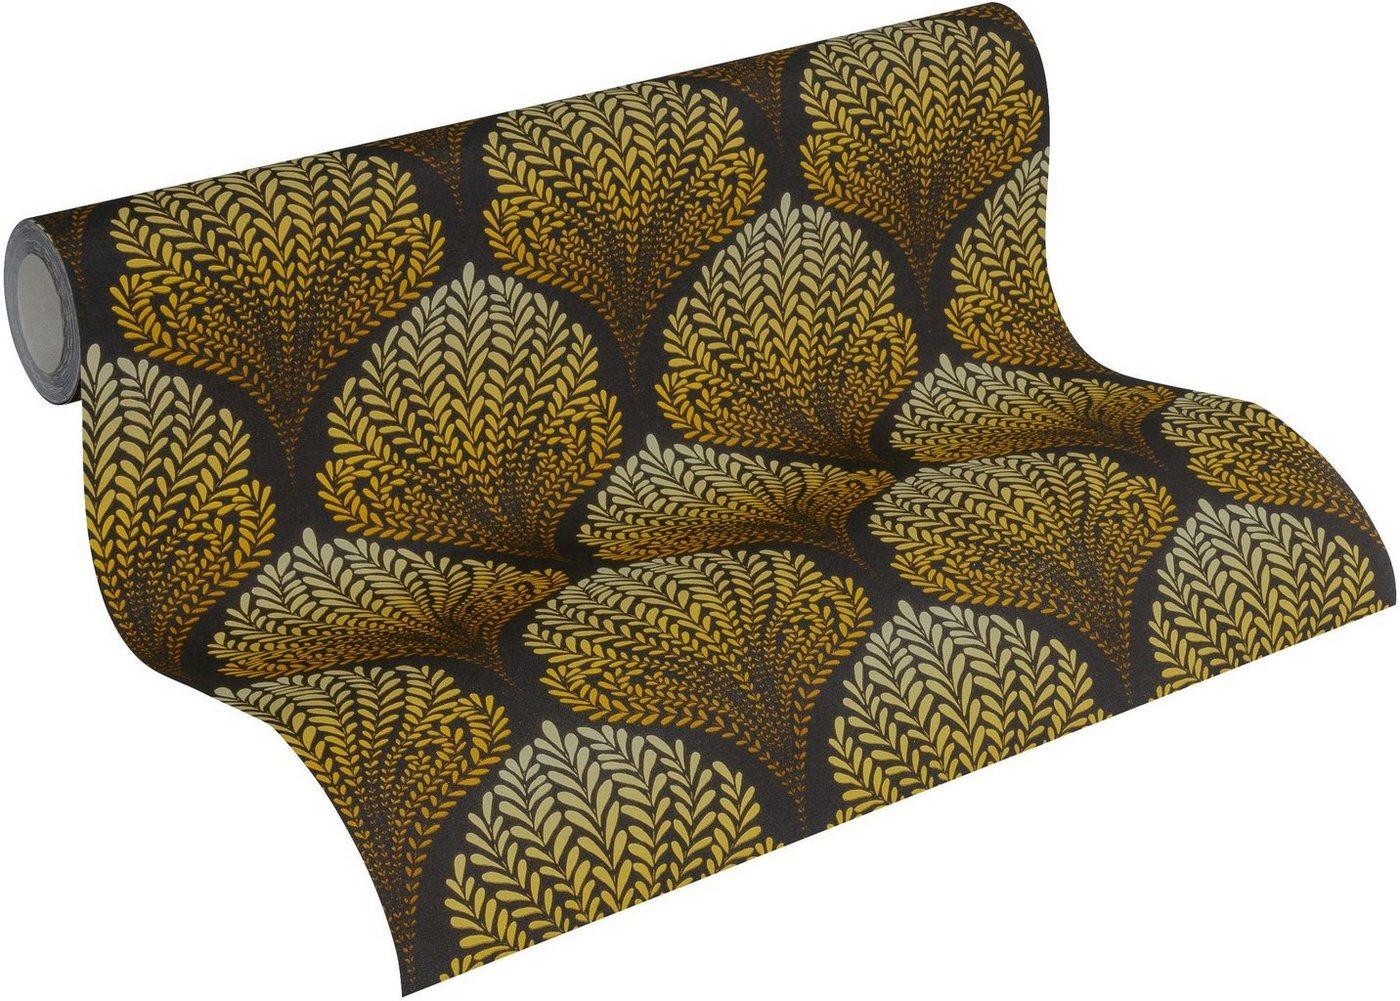 Vliestapete »Palila«, gemustert, floral, FSC®, RAL-Gütezeichen, schwer entflammbar nach DIN 4102 | Baumarkt > Malern und Tapezieren > Tapeten | Bunt | living walls